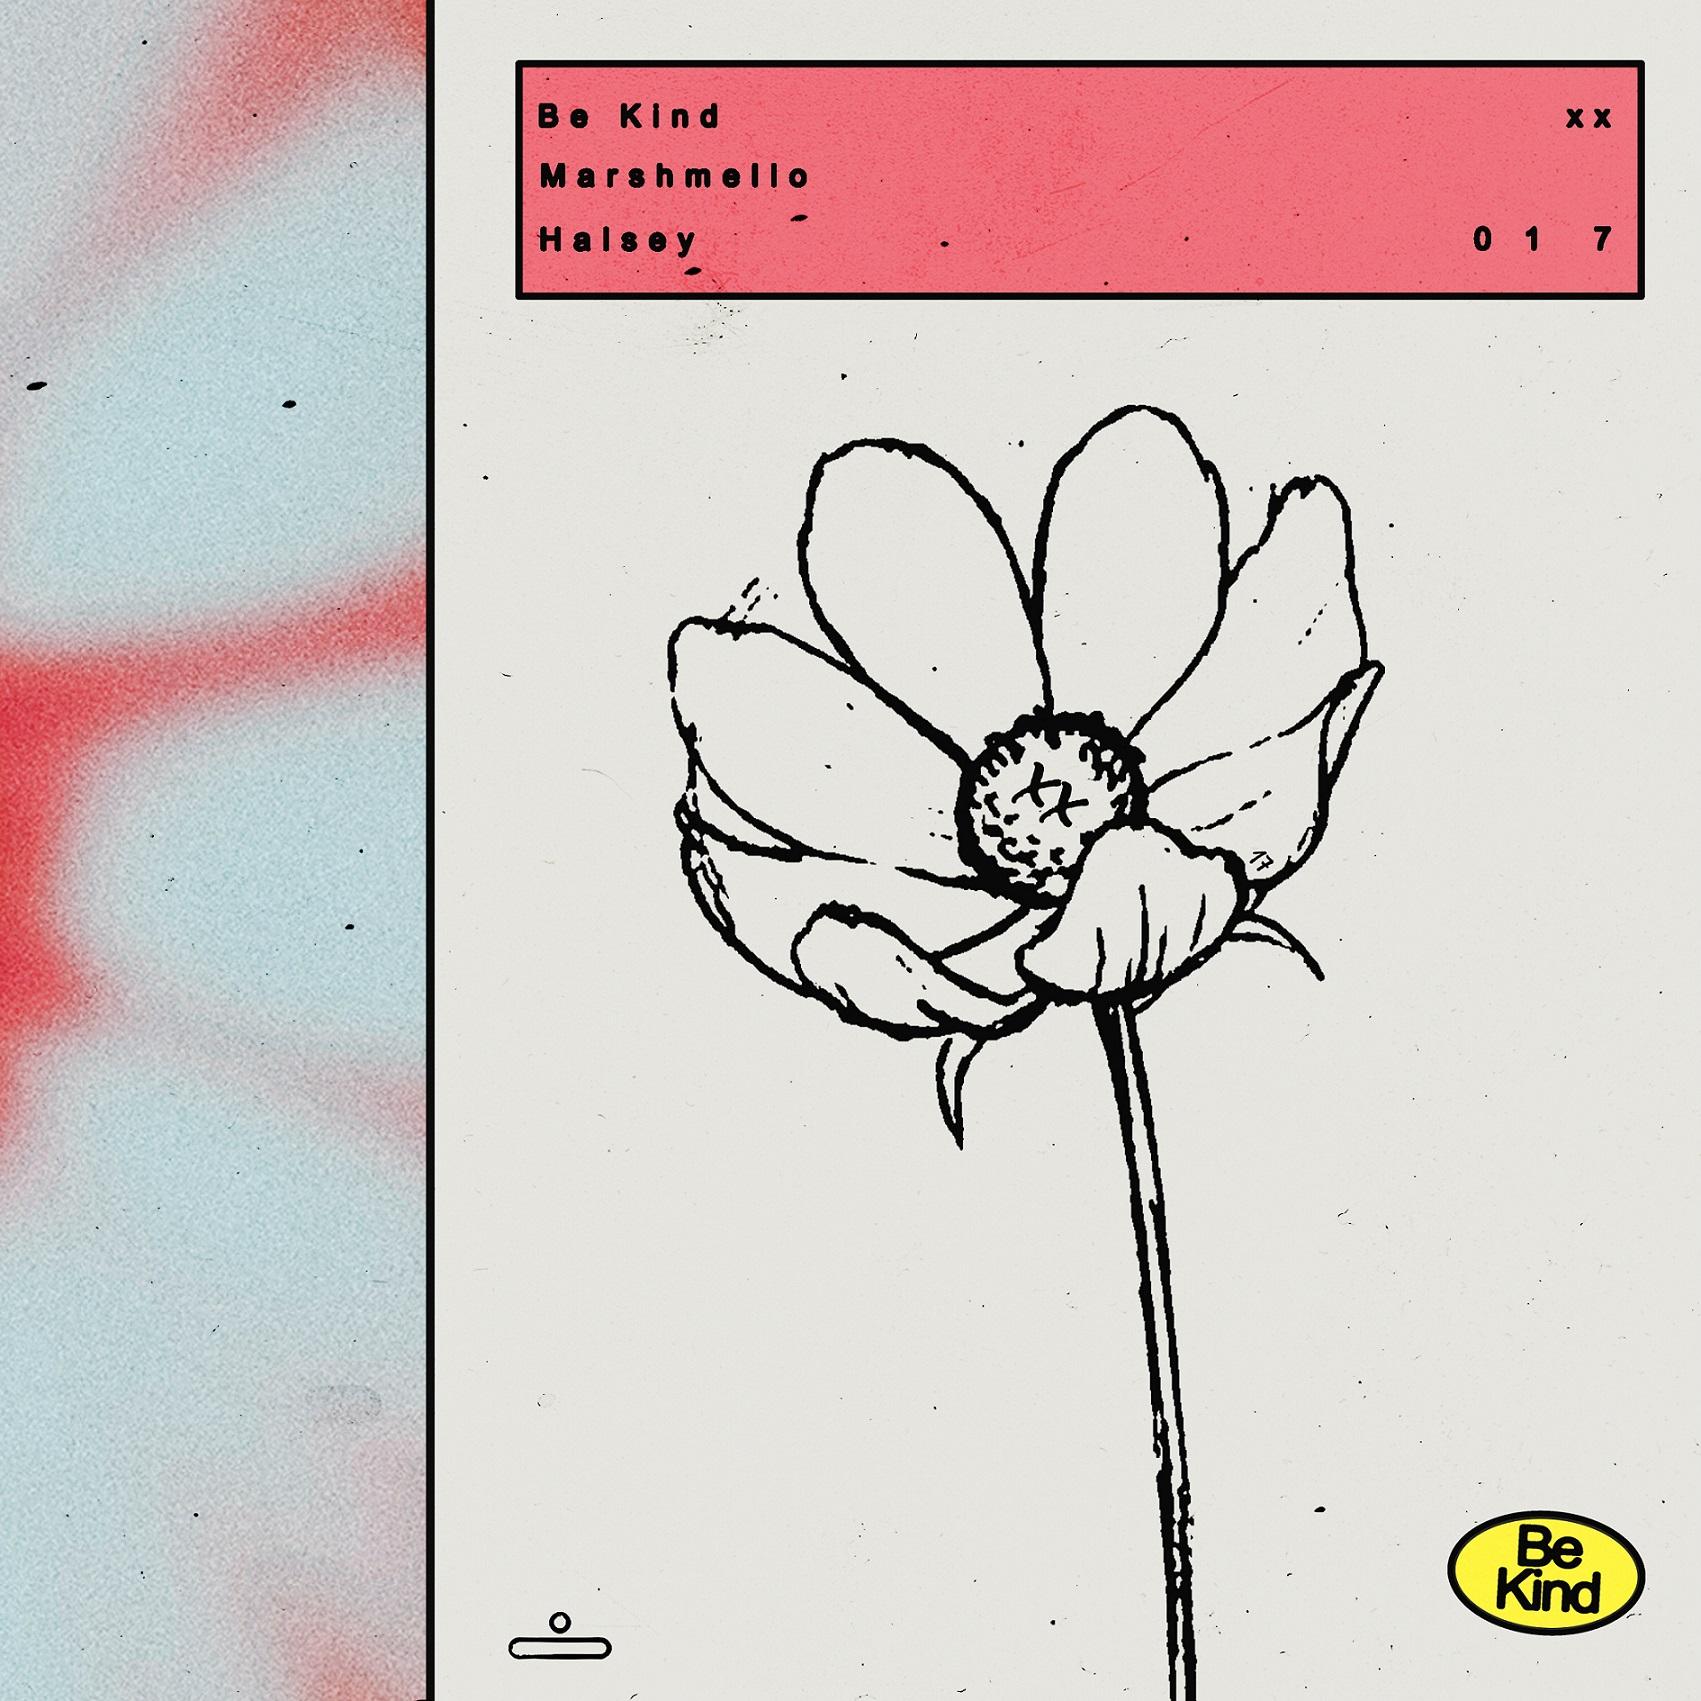 Marshmello a Halsey vydávajú singel Be Kind!